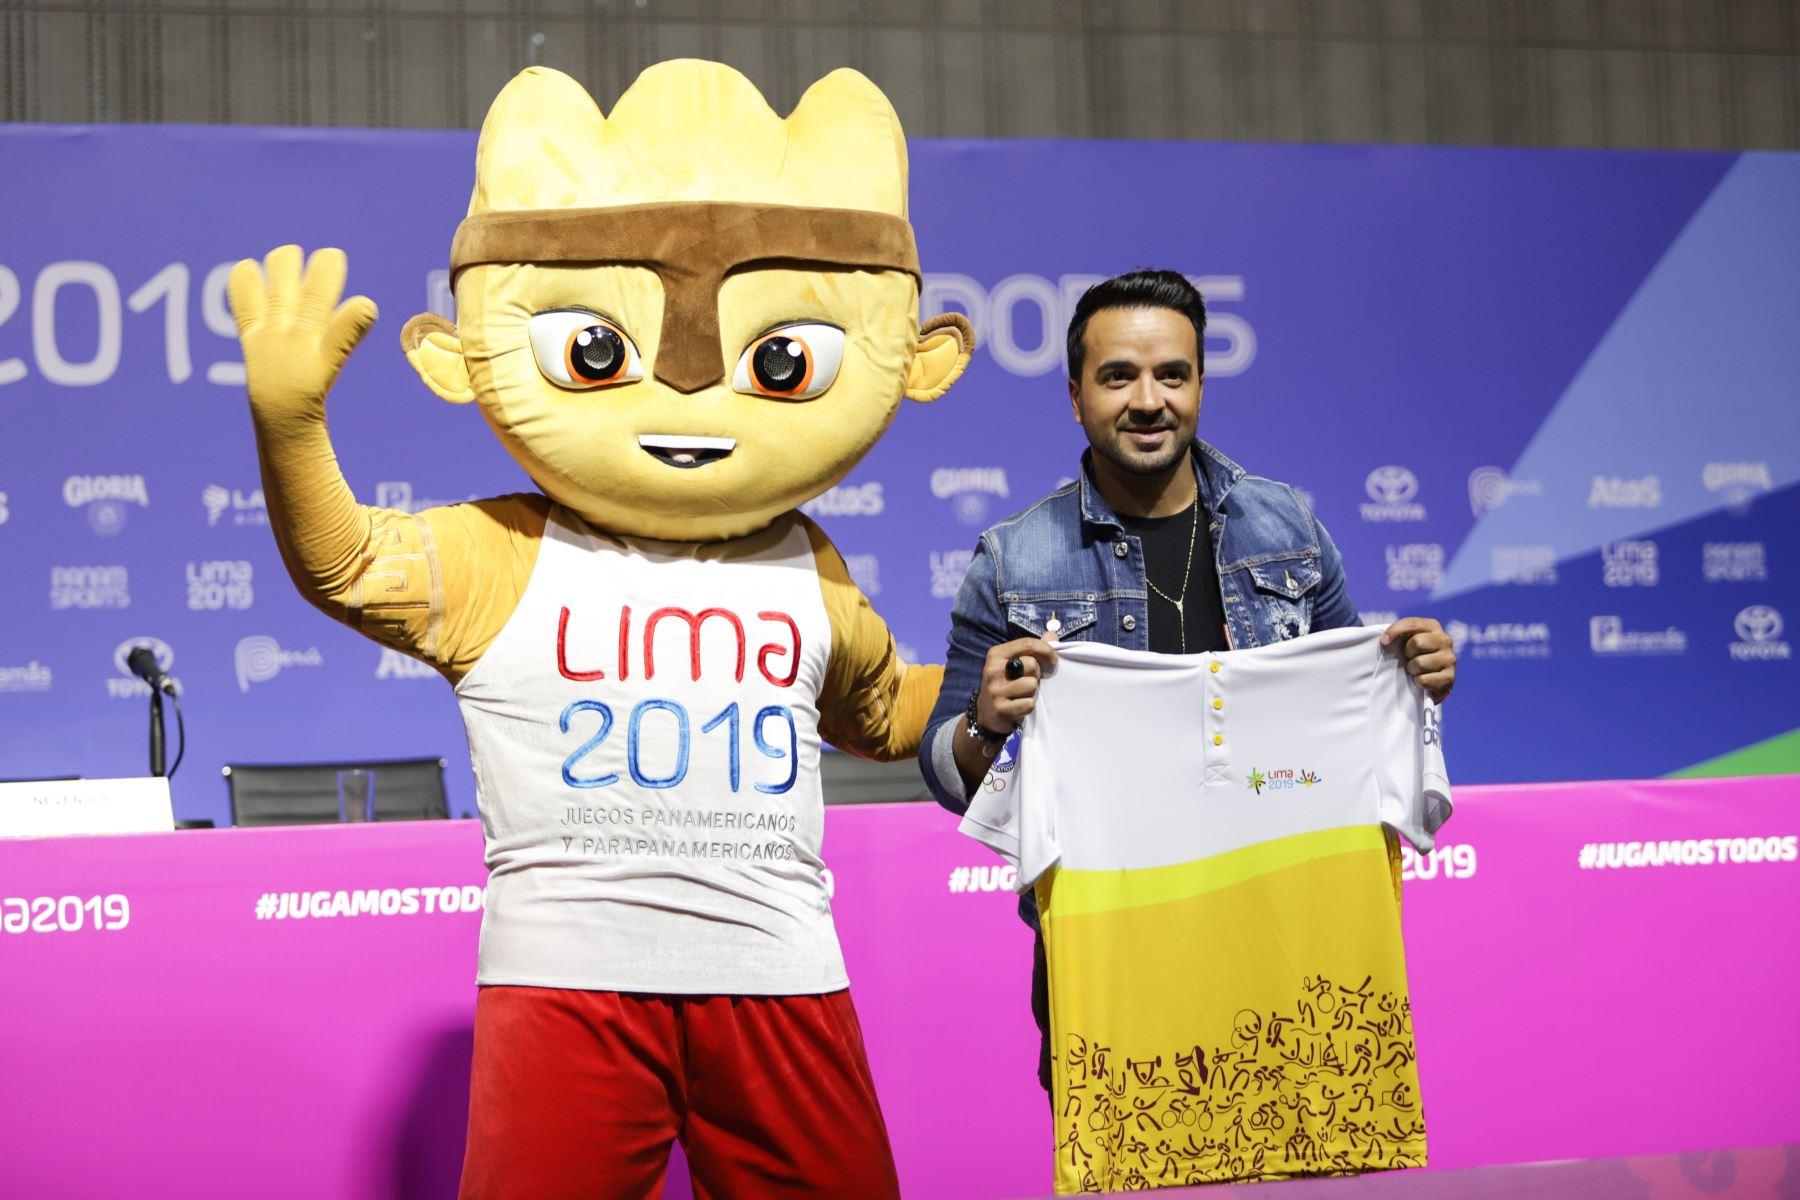 Fonsi posa junto al muñeco Milco, que representa el espíritu de estos Juegos Panamericanos Lima 2019, mientras sostiene una camiseta alusiva al evento.ANDINA/Jorge Tello